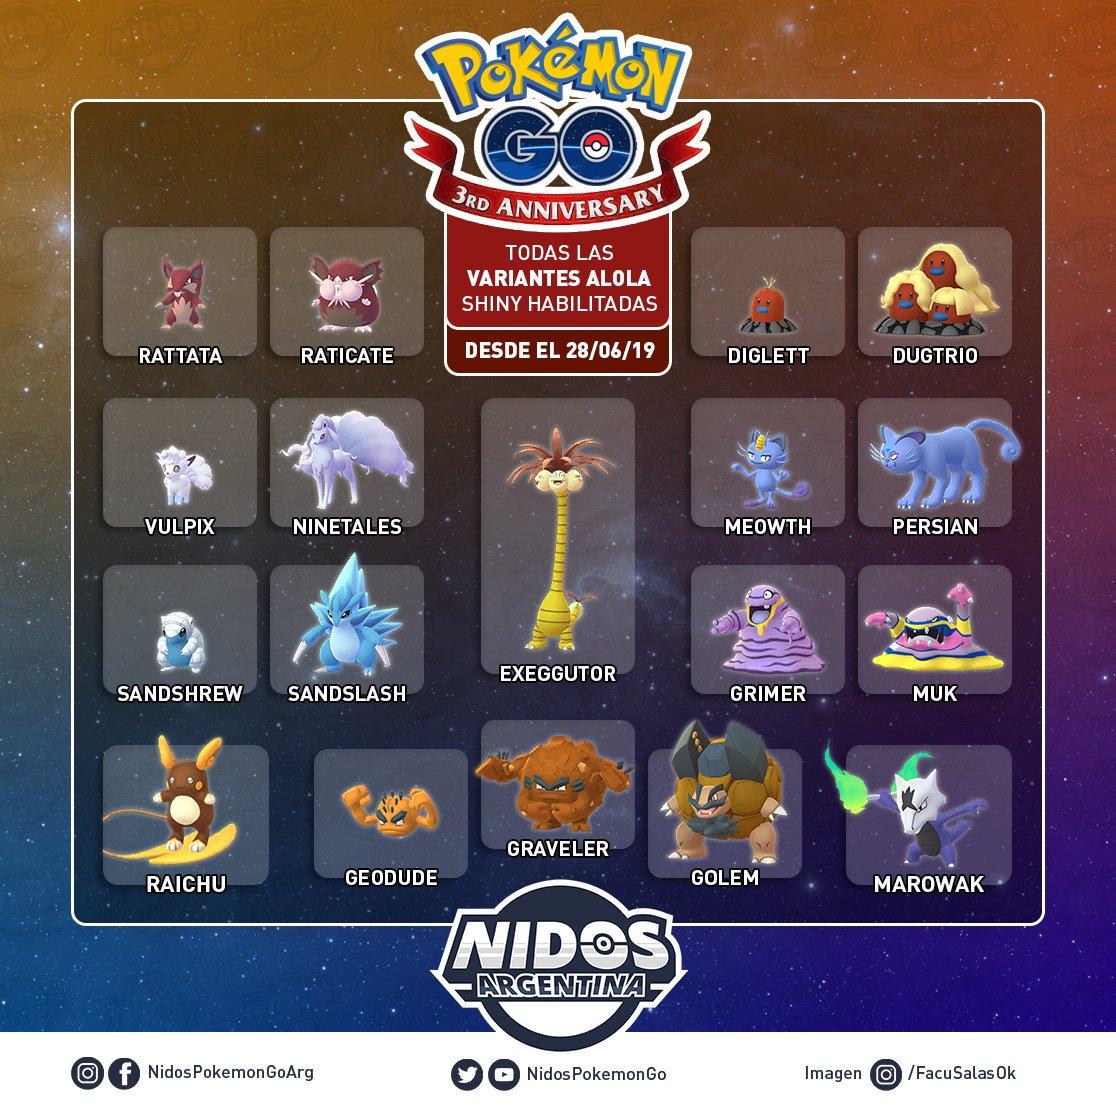 Imagen de los Pokémon Alola en su versión shiny hecho por Nidos Pokémon GO Argentina